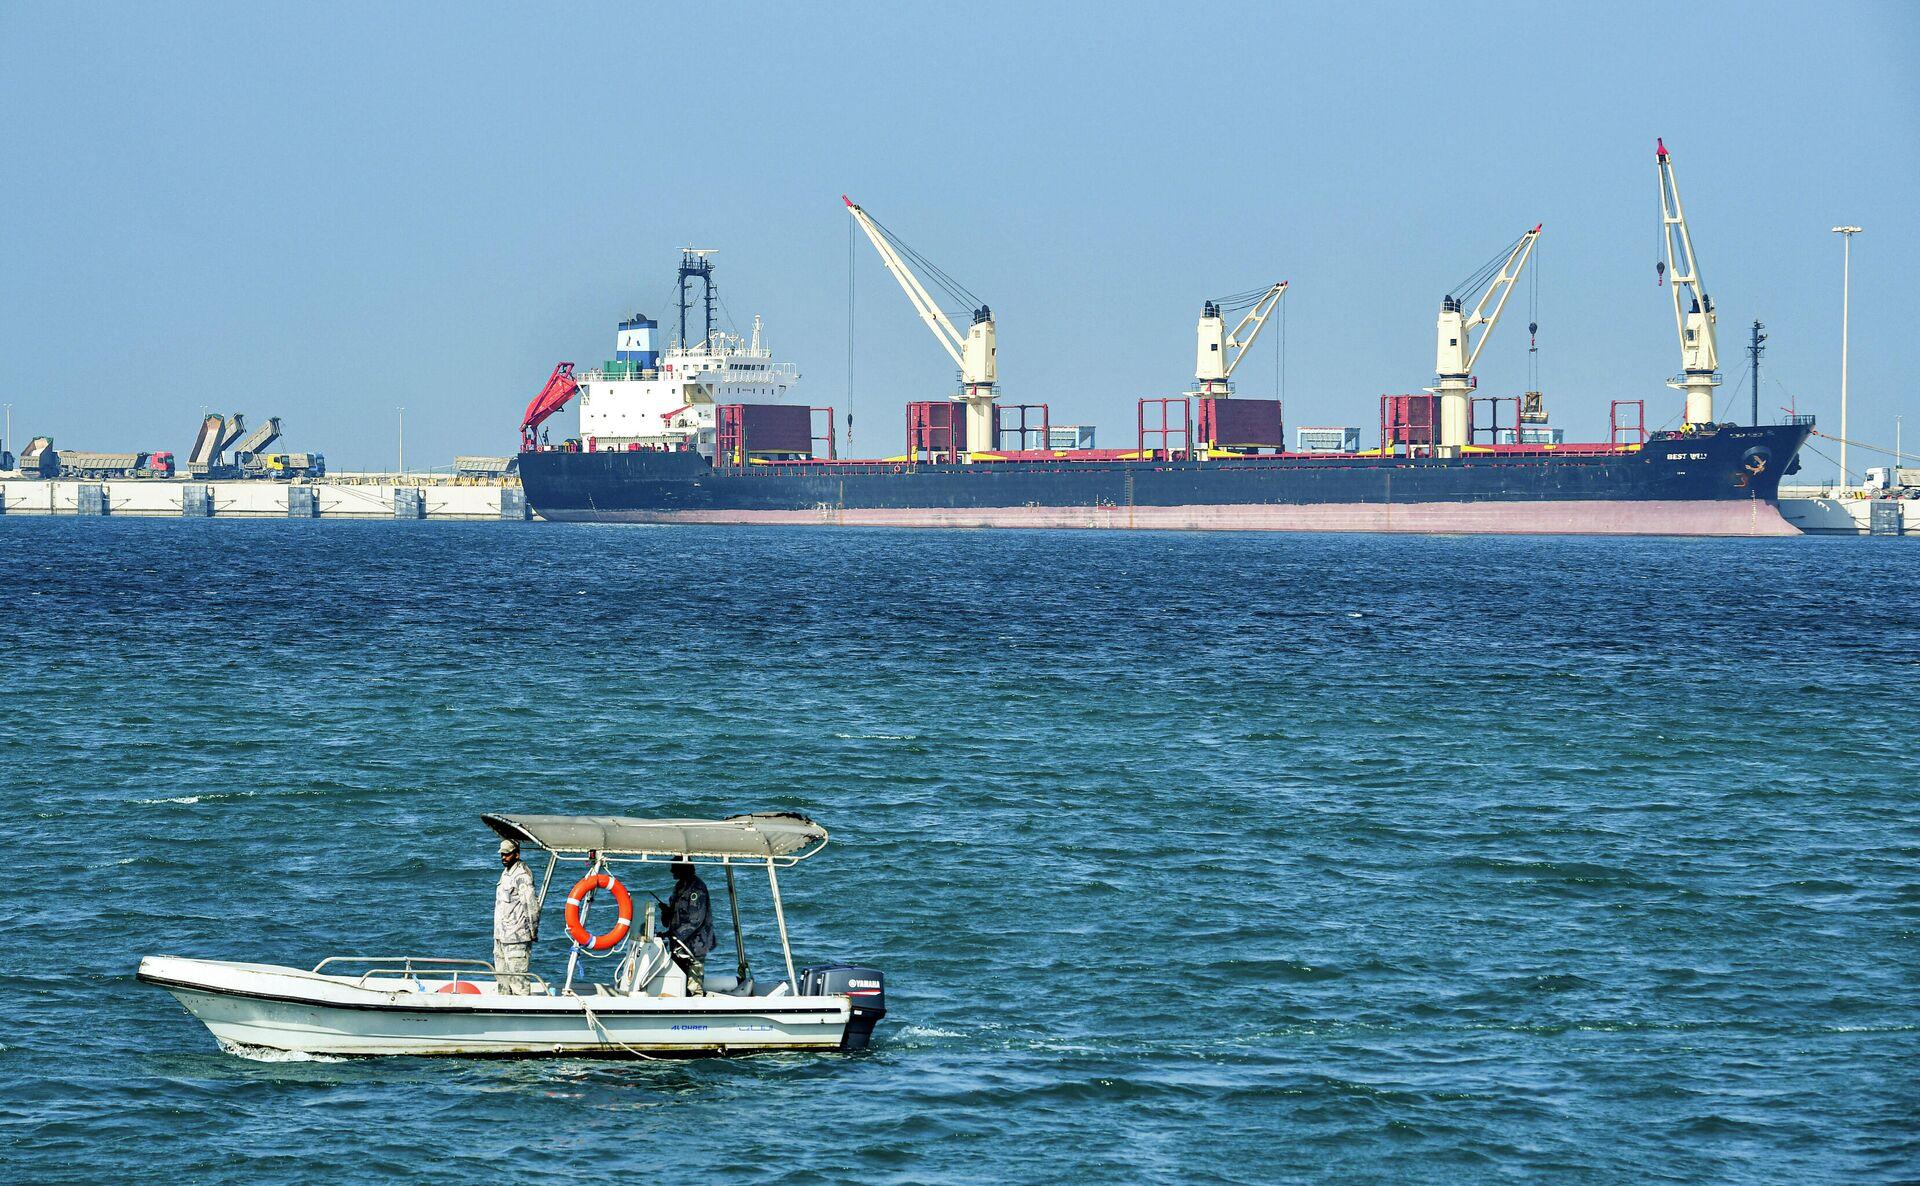 Нефтяной танкер в порту Рас-эль-Хаир в Саудовской Аравии - РИА Новости, 1920, 03.02.2021